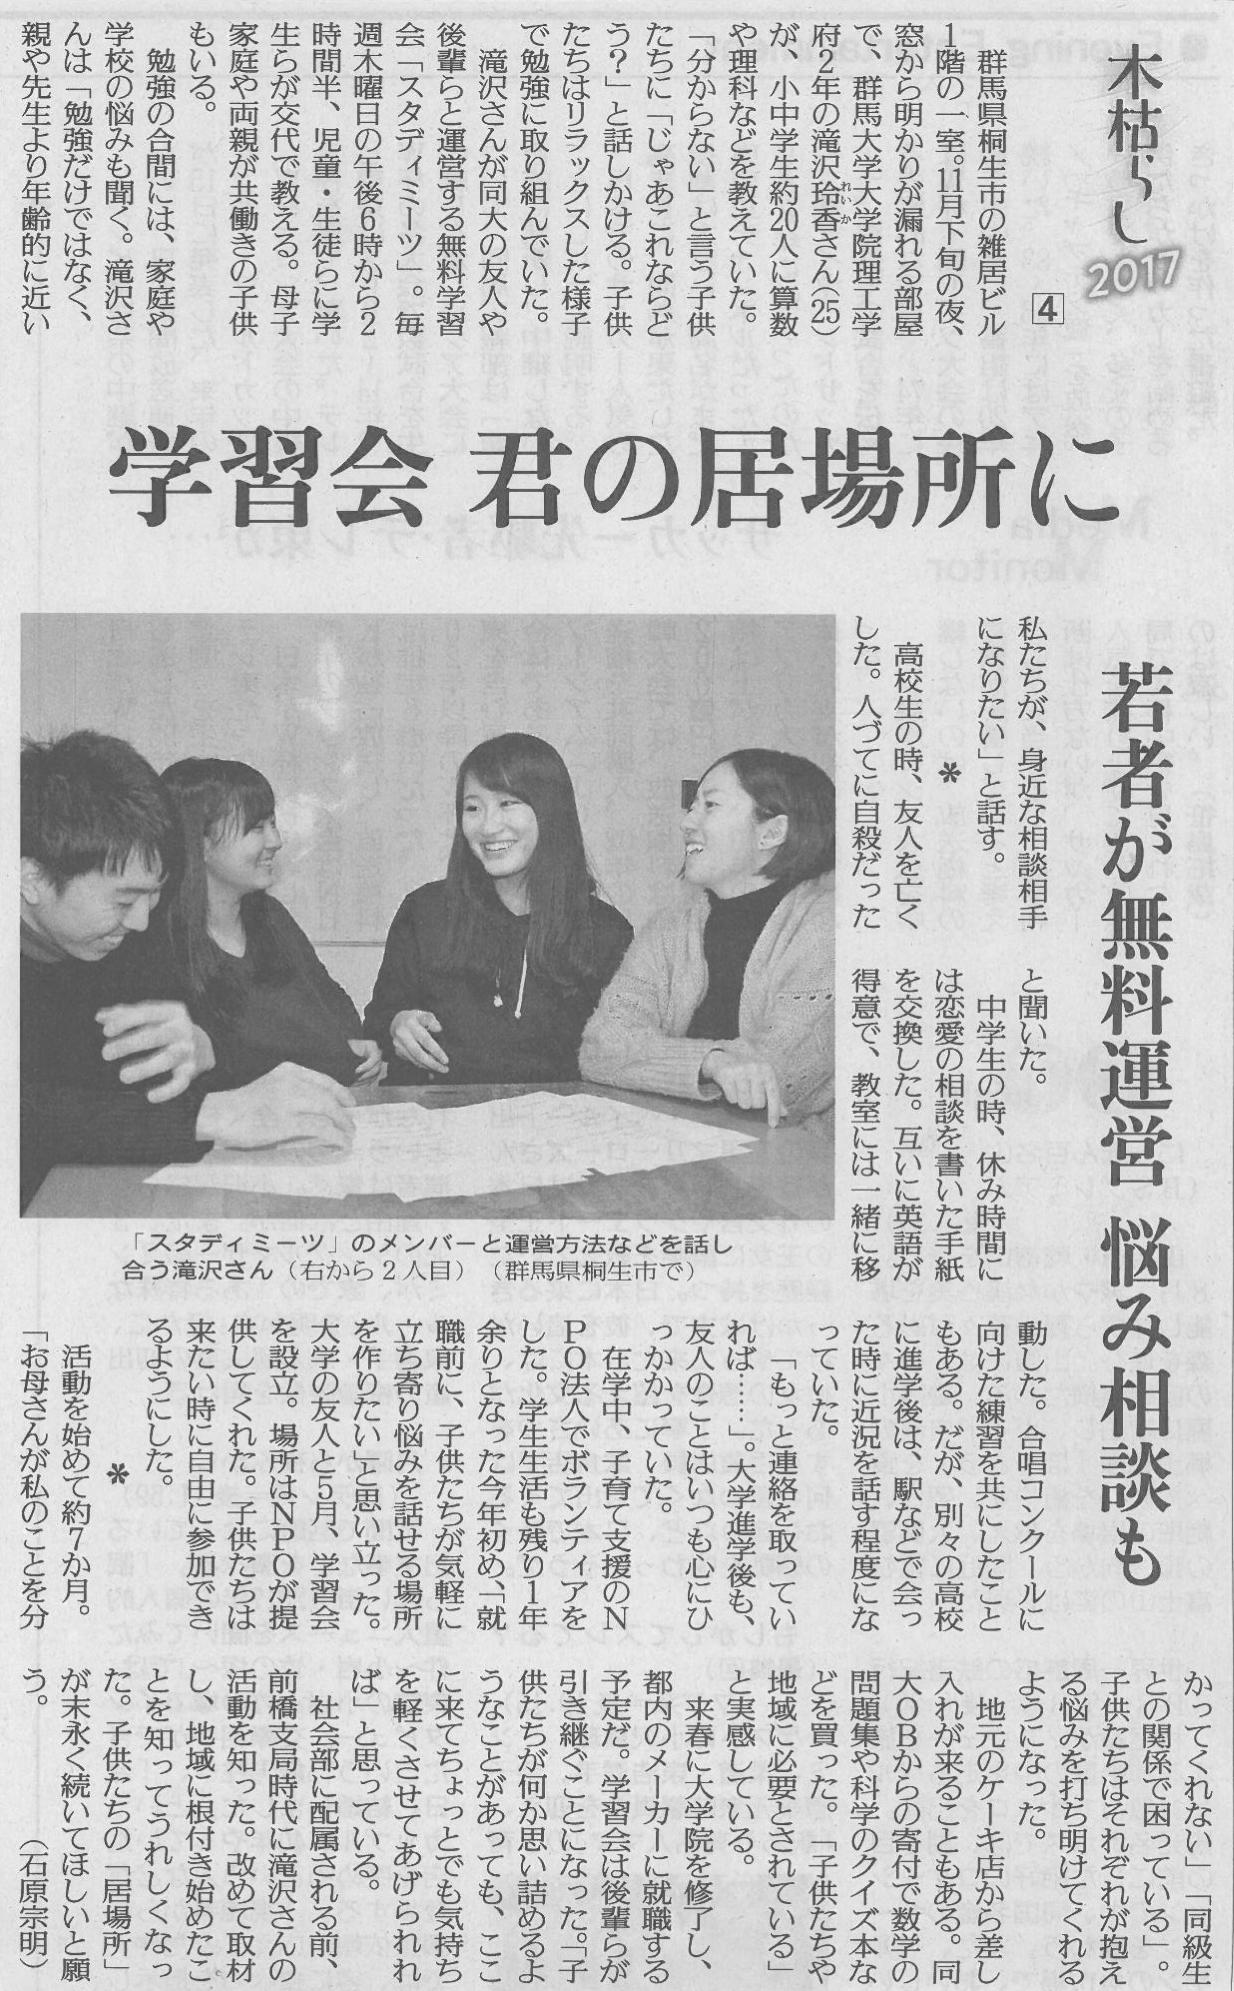 読売新聞_スタディーミーツ記事